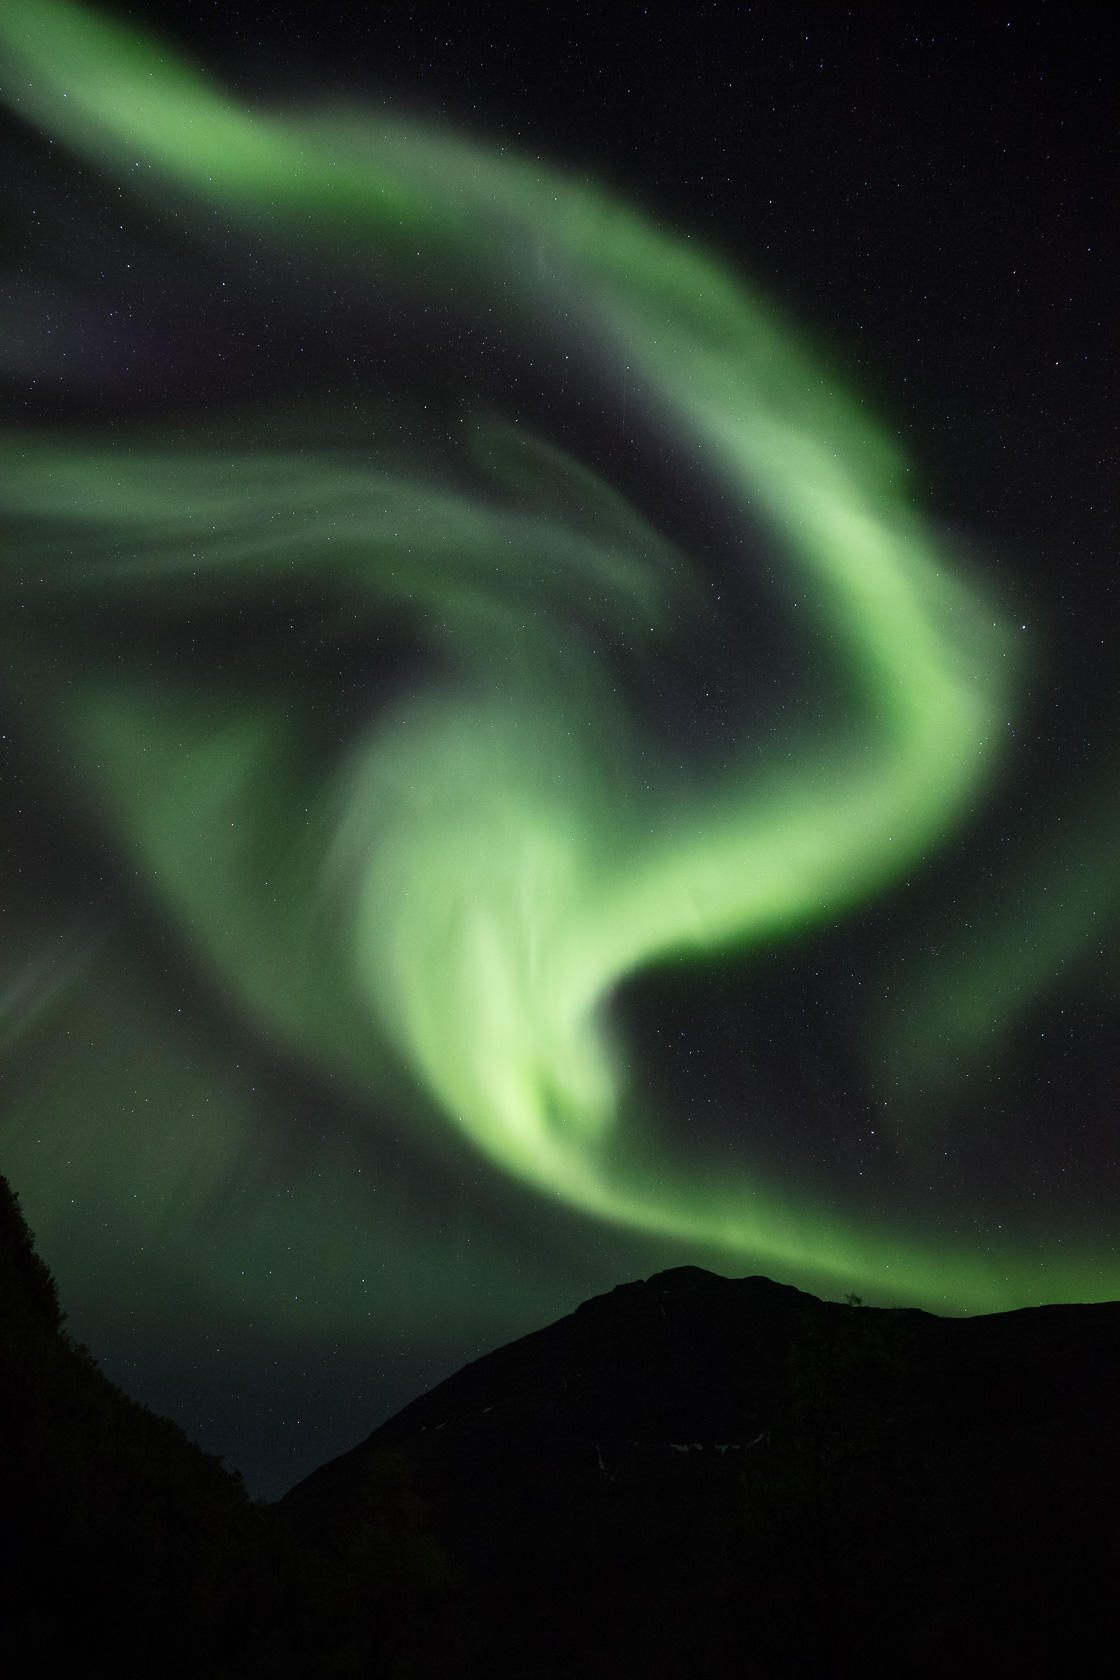 grande aurore boréale durant une activité géomagnétique importante, dans la Signaldalen, en Norvège du nord